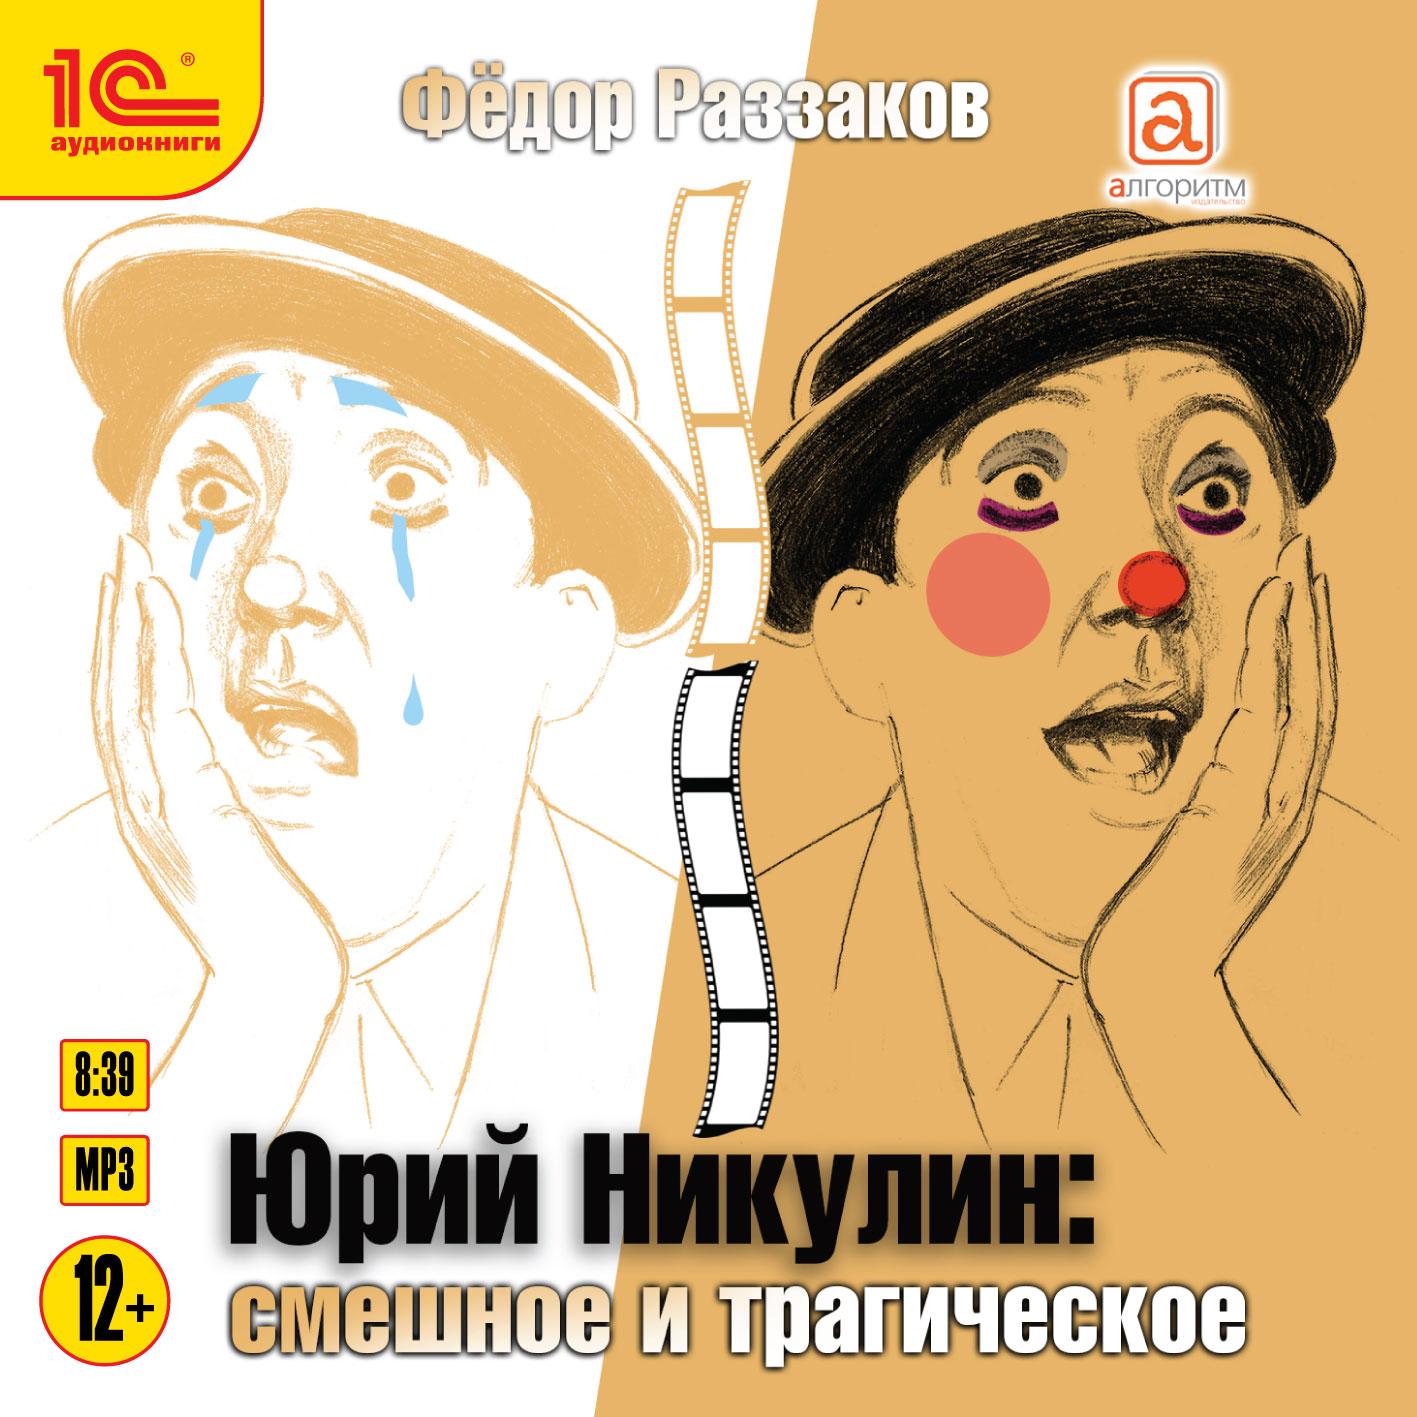 Федор Раззаков Юрий Никулин. Смешное и трагическое федор раззаков юрий никулин смешное и трагическое